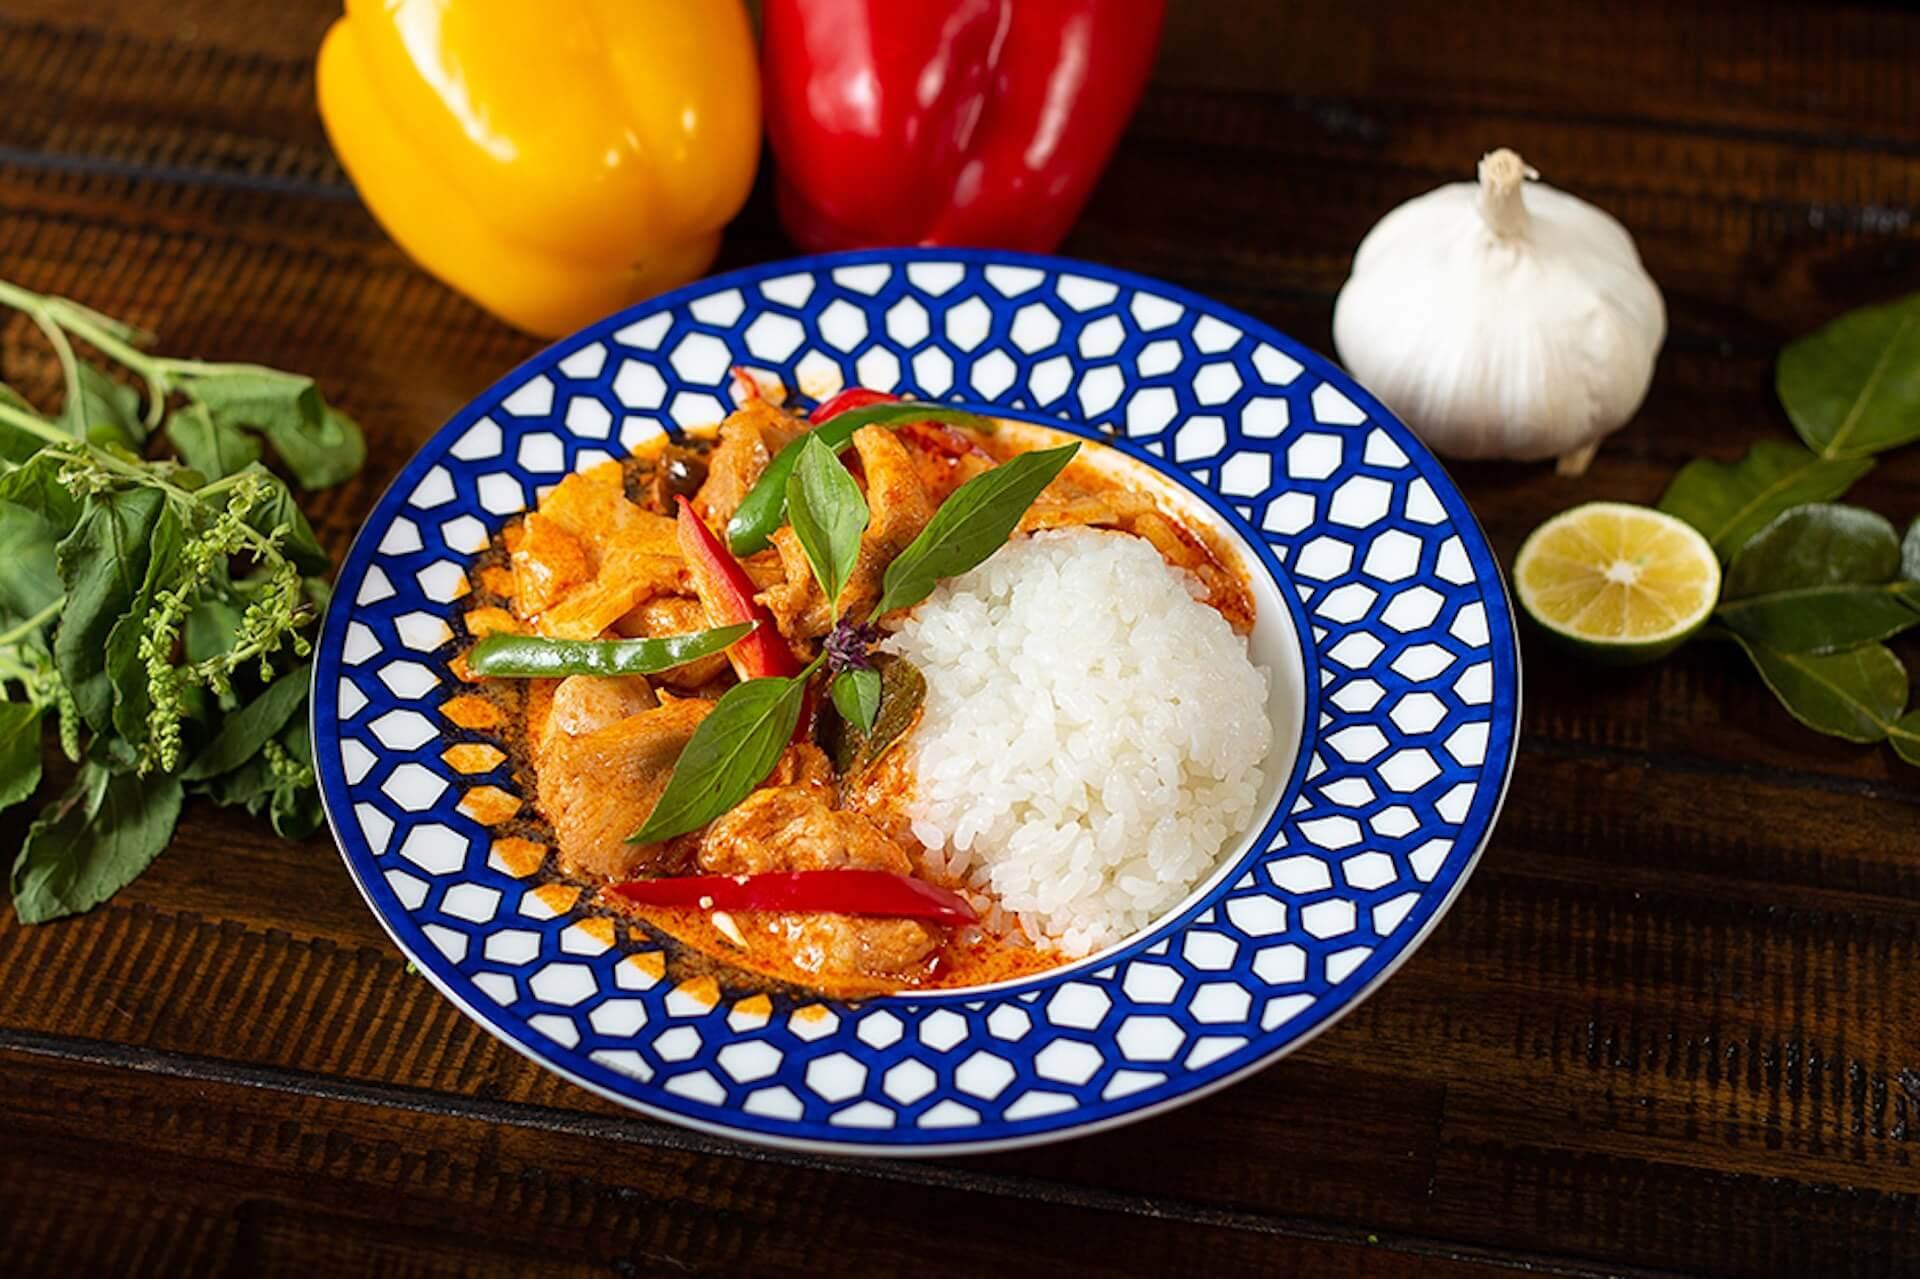 人気タイ料理をUber Eatsで堪能しよう!恵比寿のPiyanee THAI TEAがテイクアウト&Uber Eats販売スタート gourmet200421_piyanee_takeout_06